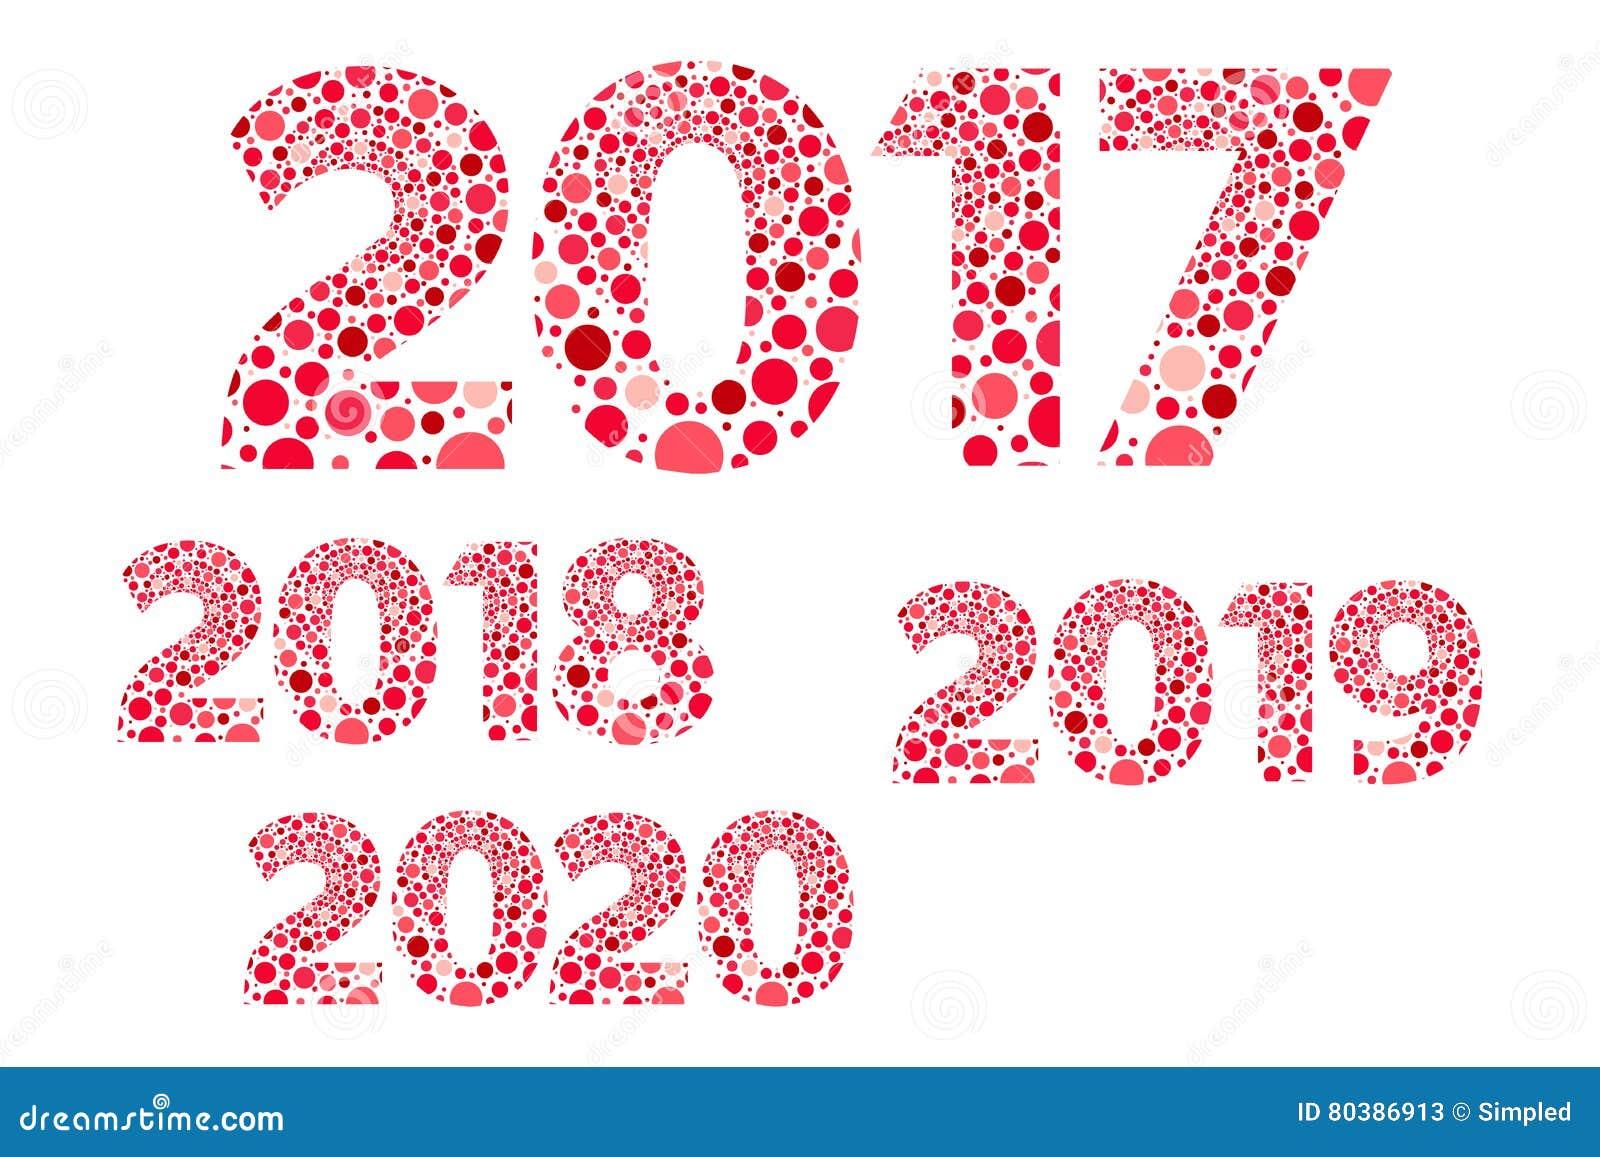 2019 Pink nude photos 2019